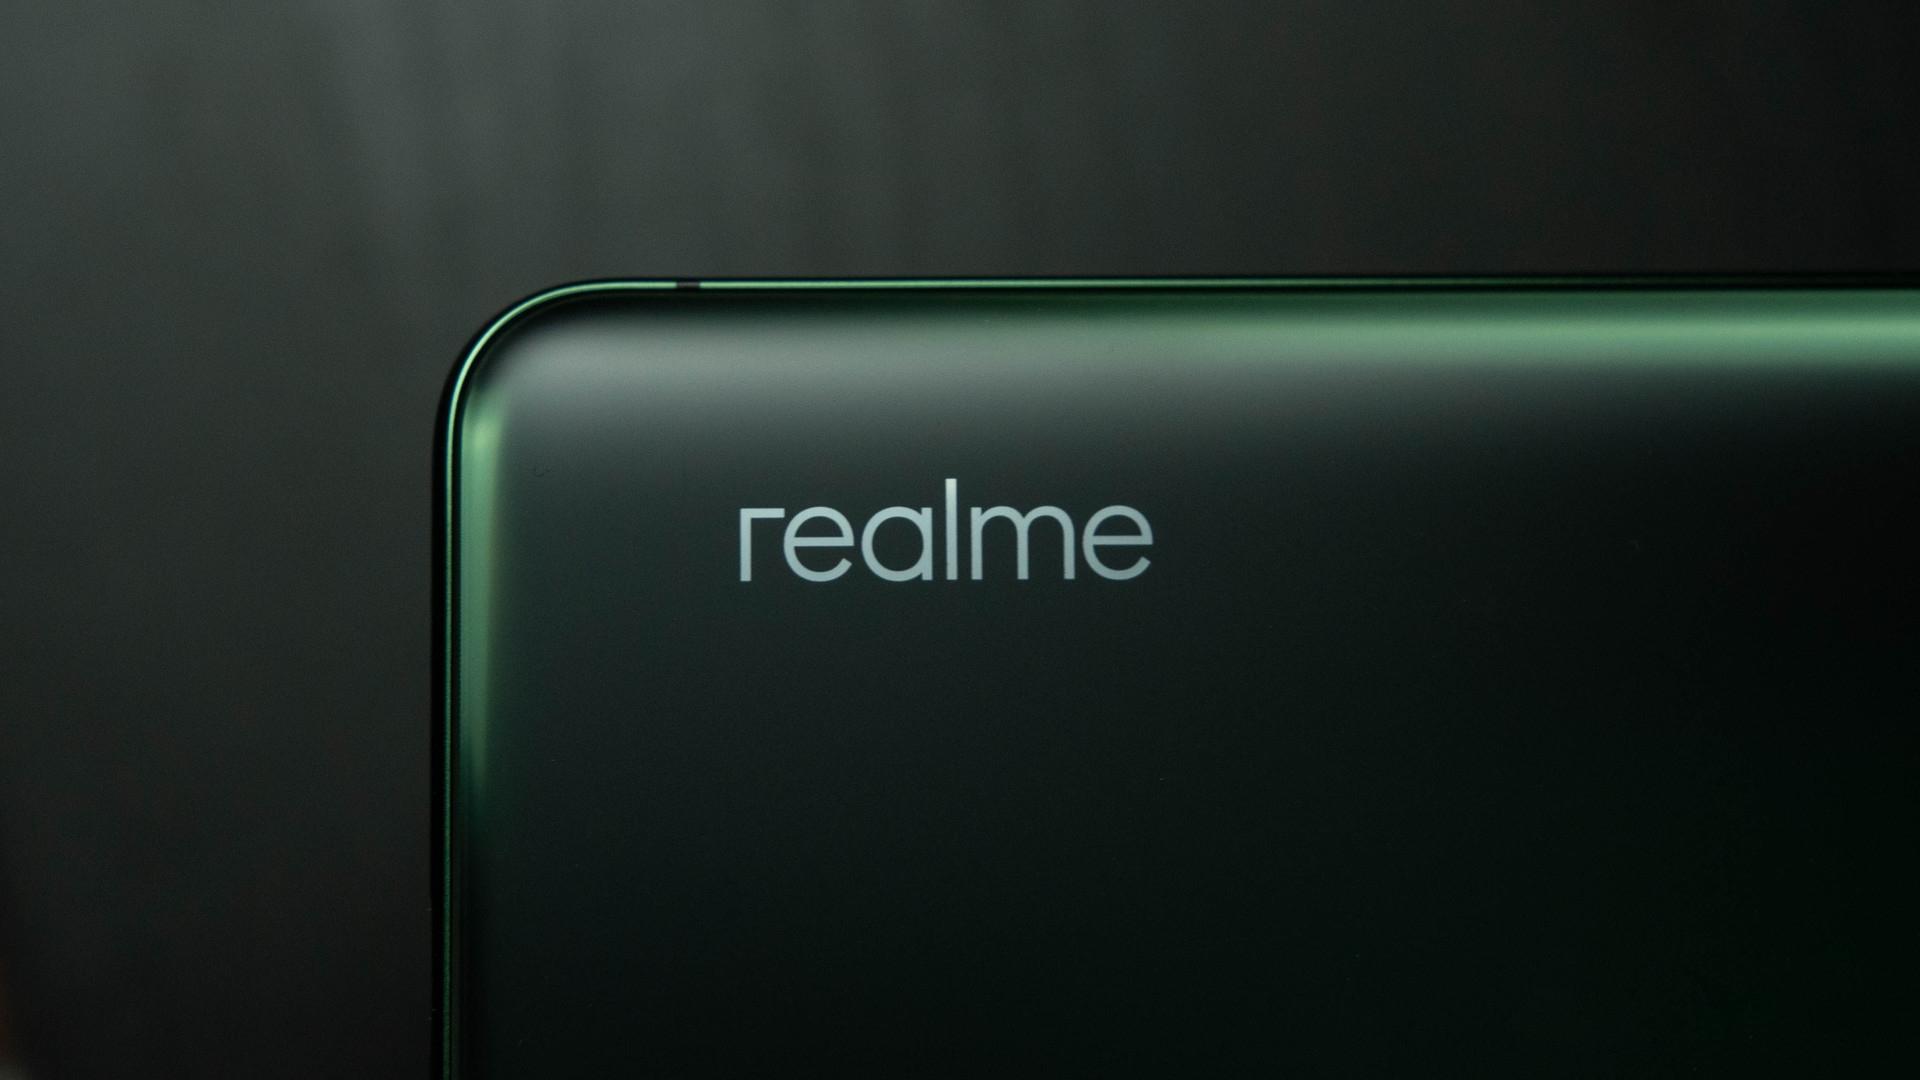 Realme 4 мая проведёт презентацию новых устройств: ждём смартфон Realme X7 Max и несколько смарт-телевизоров